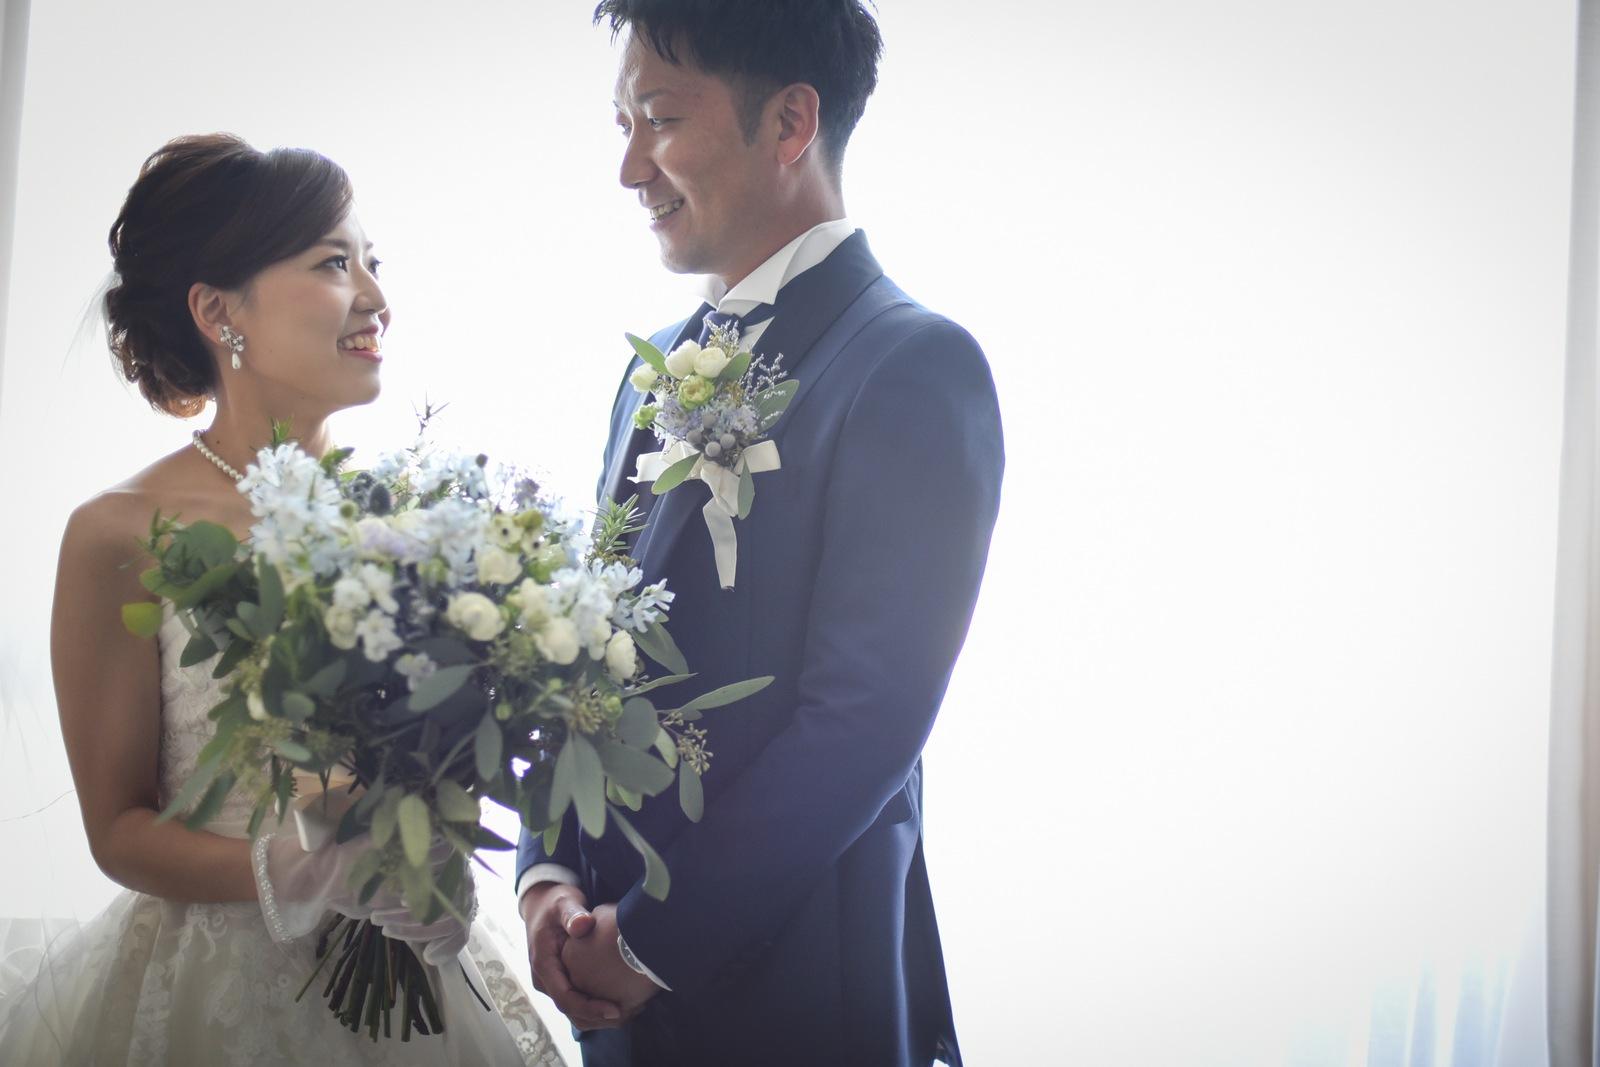 香川県高松市の結婚式場アナザースタイルのブライズルームでの新郎新婦